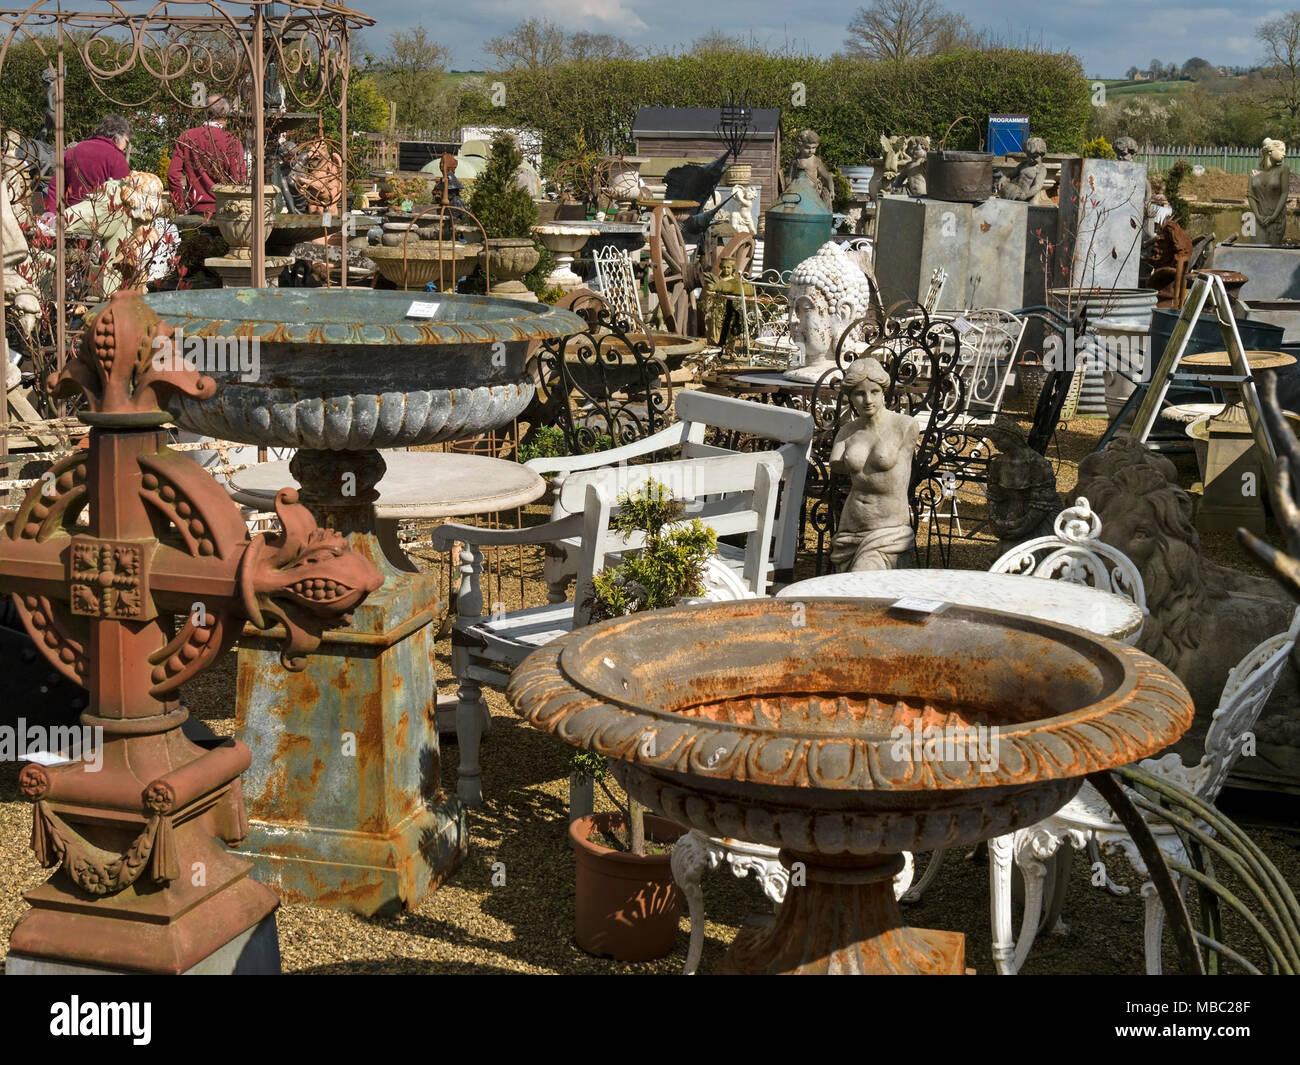 Old vintage & jardín antiguo adornos (estatuas, jarrones, macetas, fuentes) en la regeneración patio, jardín clásicos, Ashwell, Rutland, Inglaterra, Reino Unido. Foto de stock